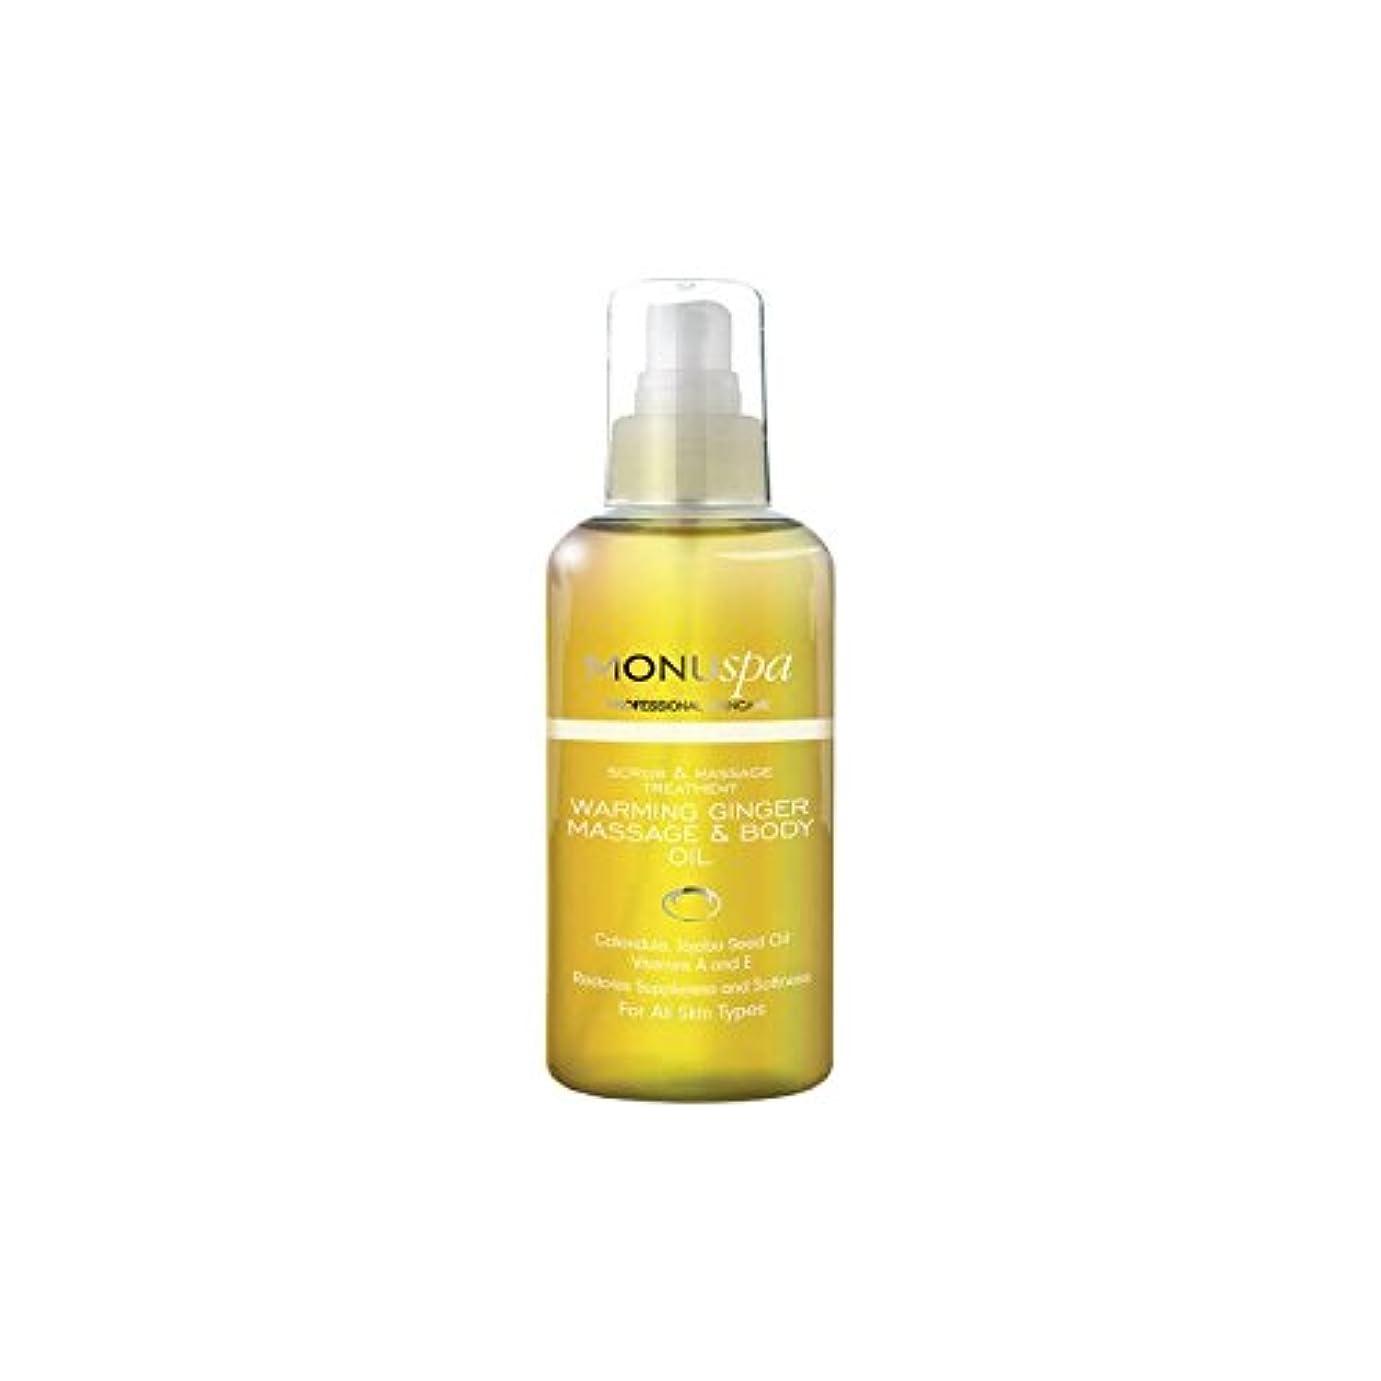 パキスタン人反響するブリリアントMONUspa Warming Ginger Body Oil 100ml - 温暖化ジンジャーボディオイル100ミリリットル [並行輸入品]